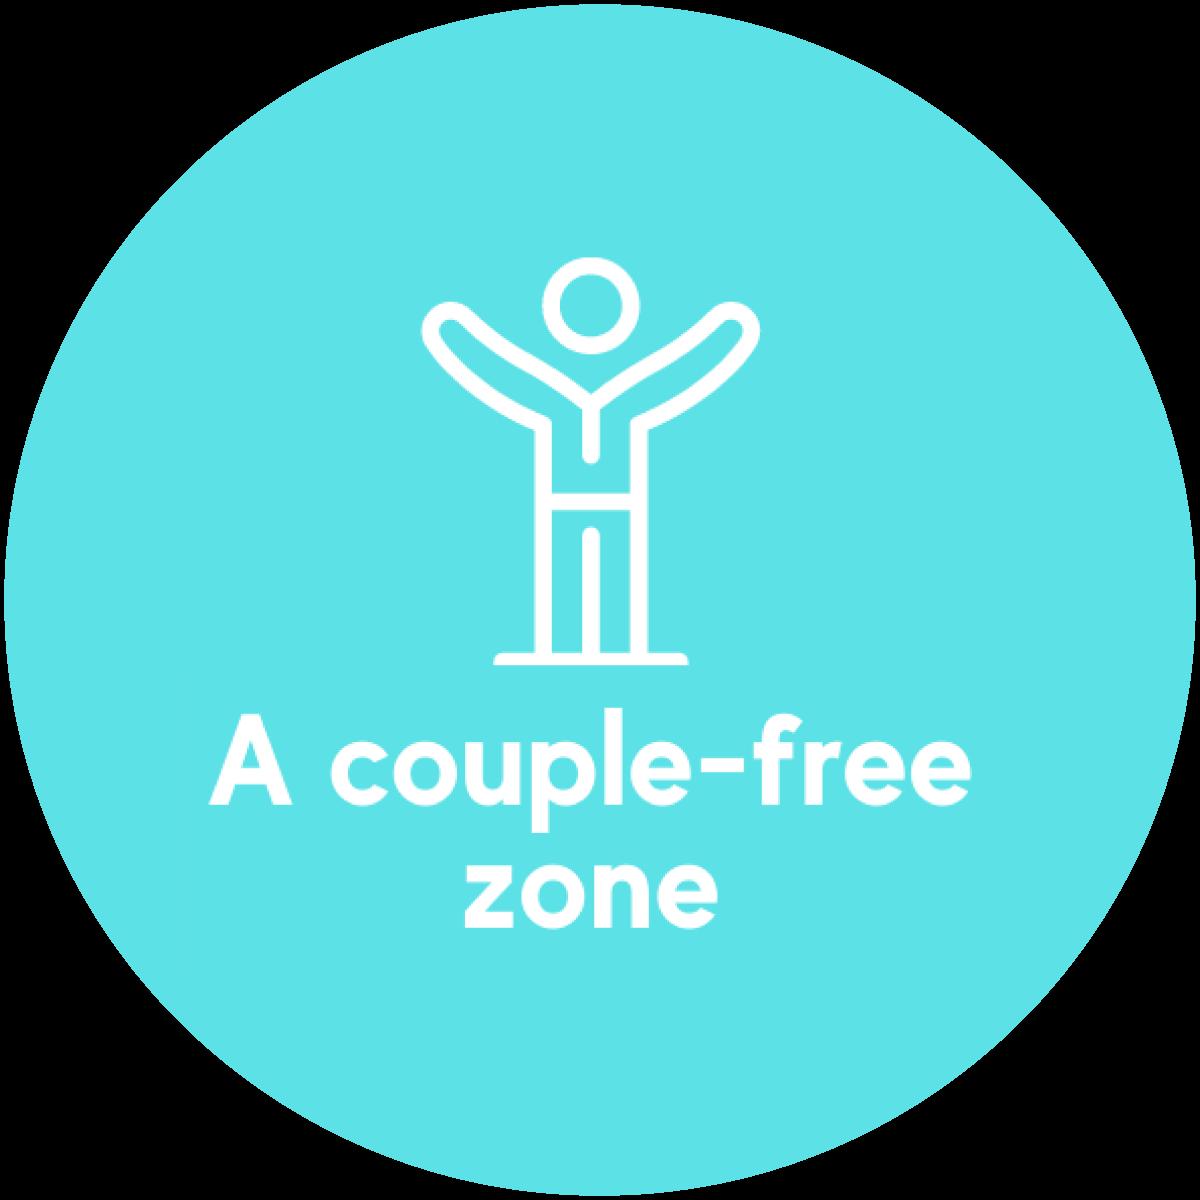 A couple-free zone